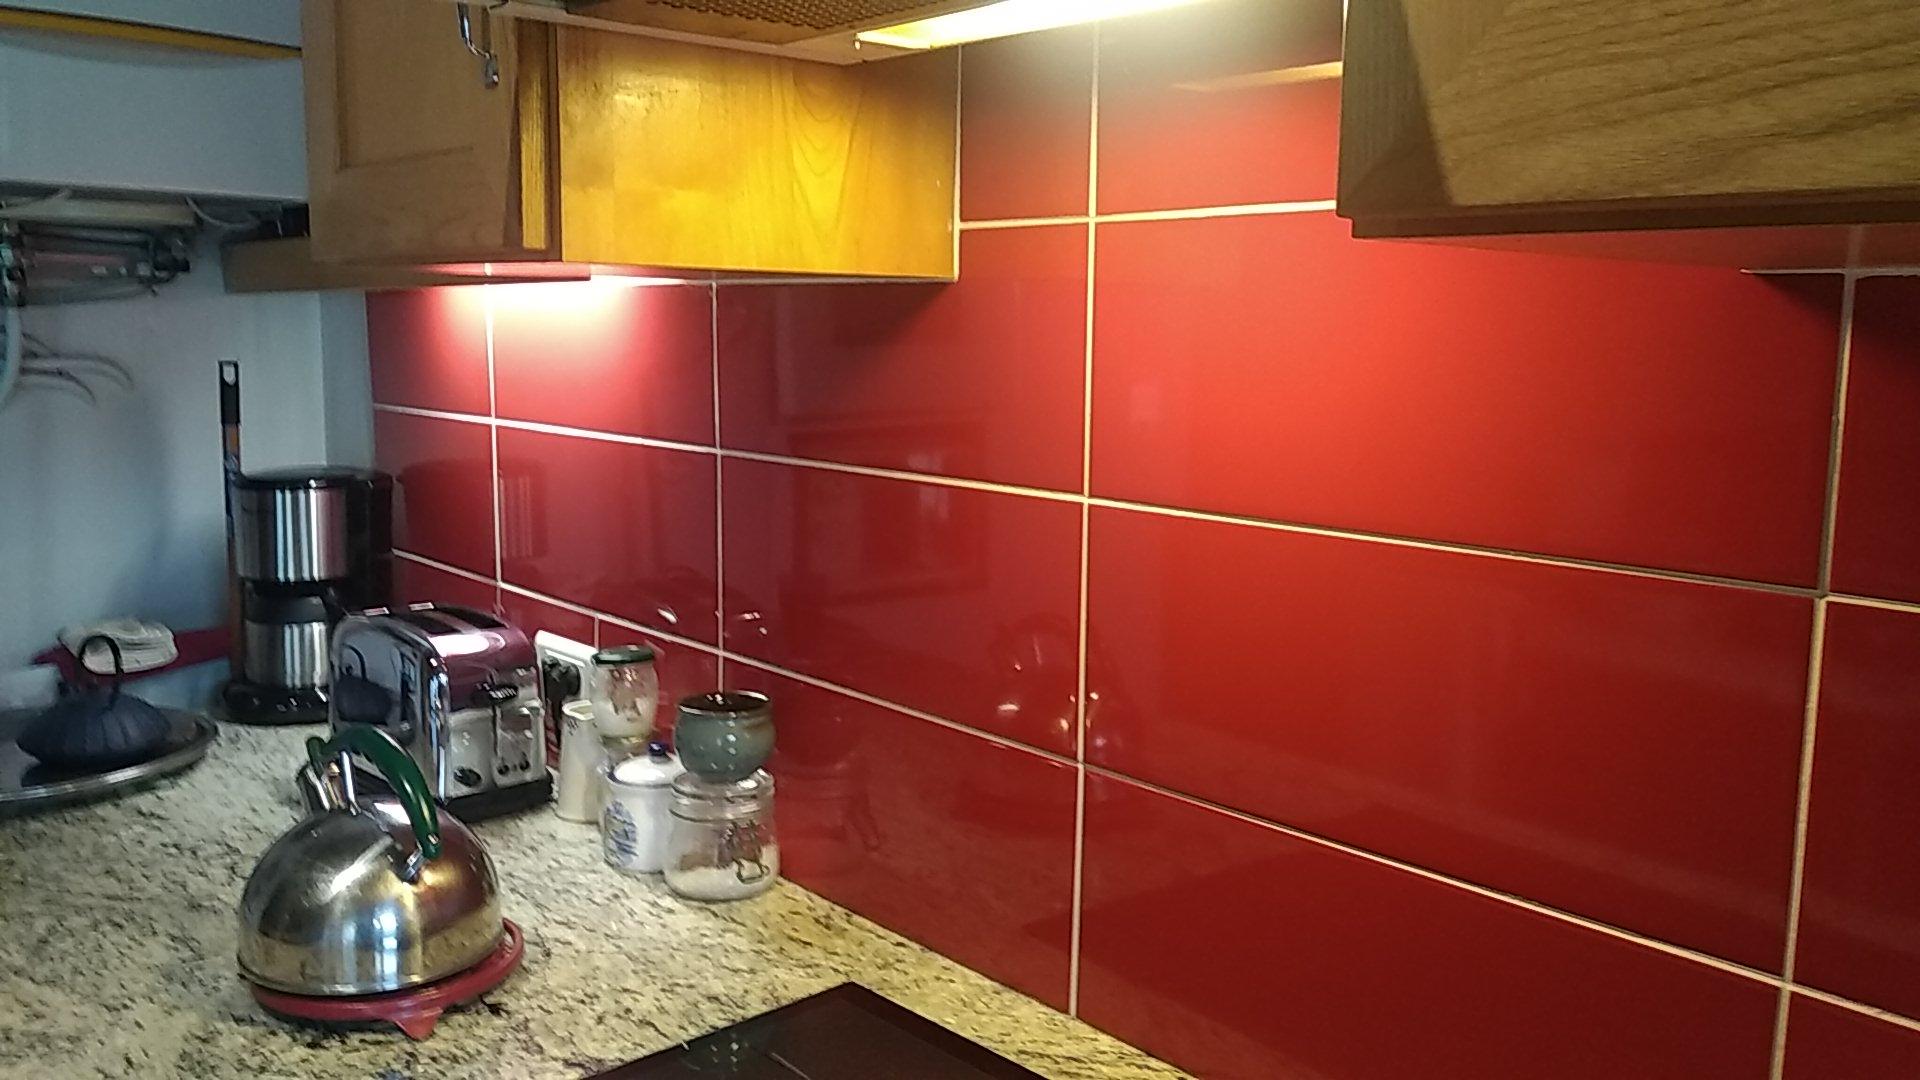 Rénovation de la crédence d'une cuisine en faïence